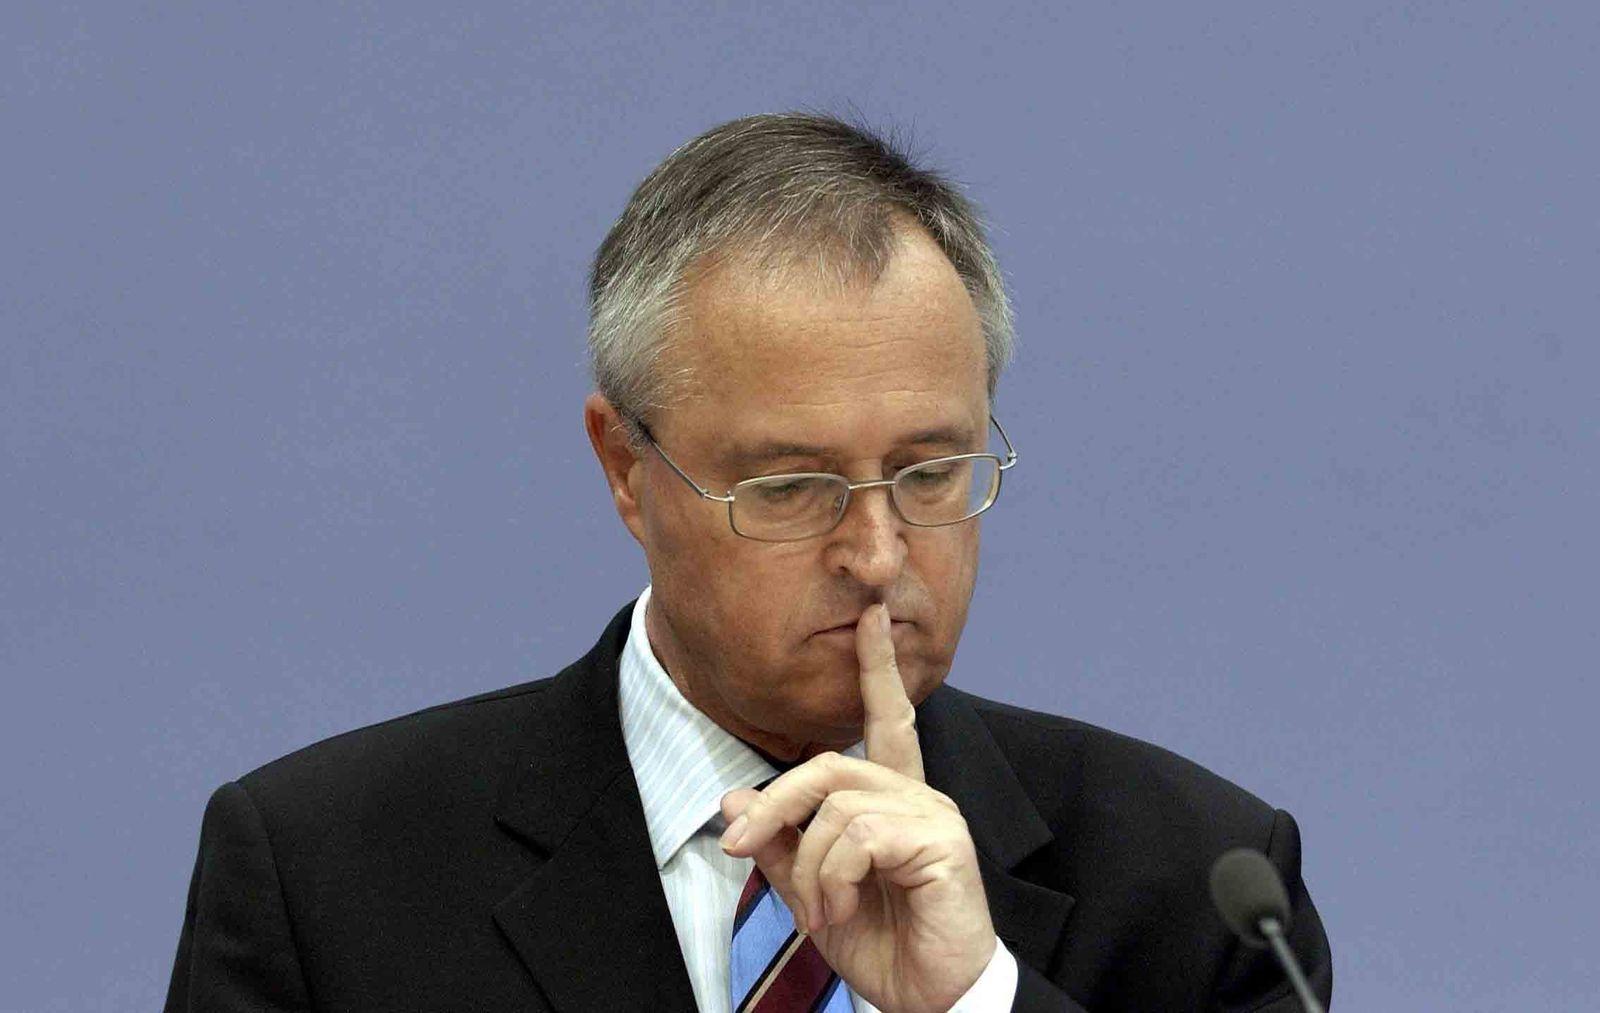 Finanzminister / Hans Eichel